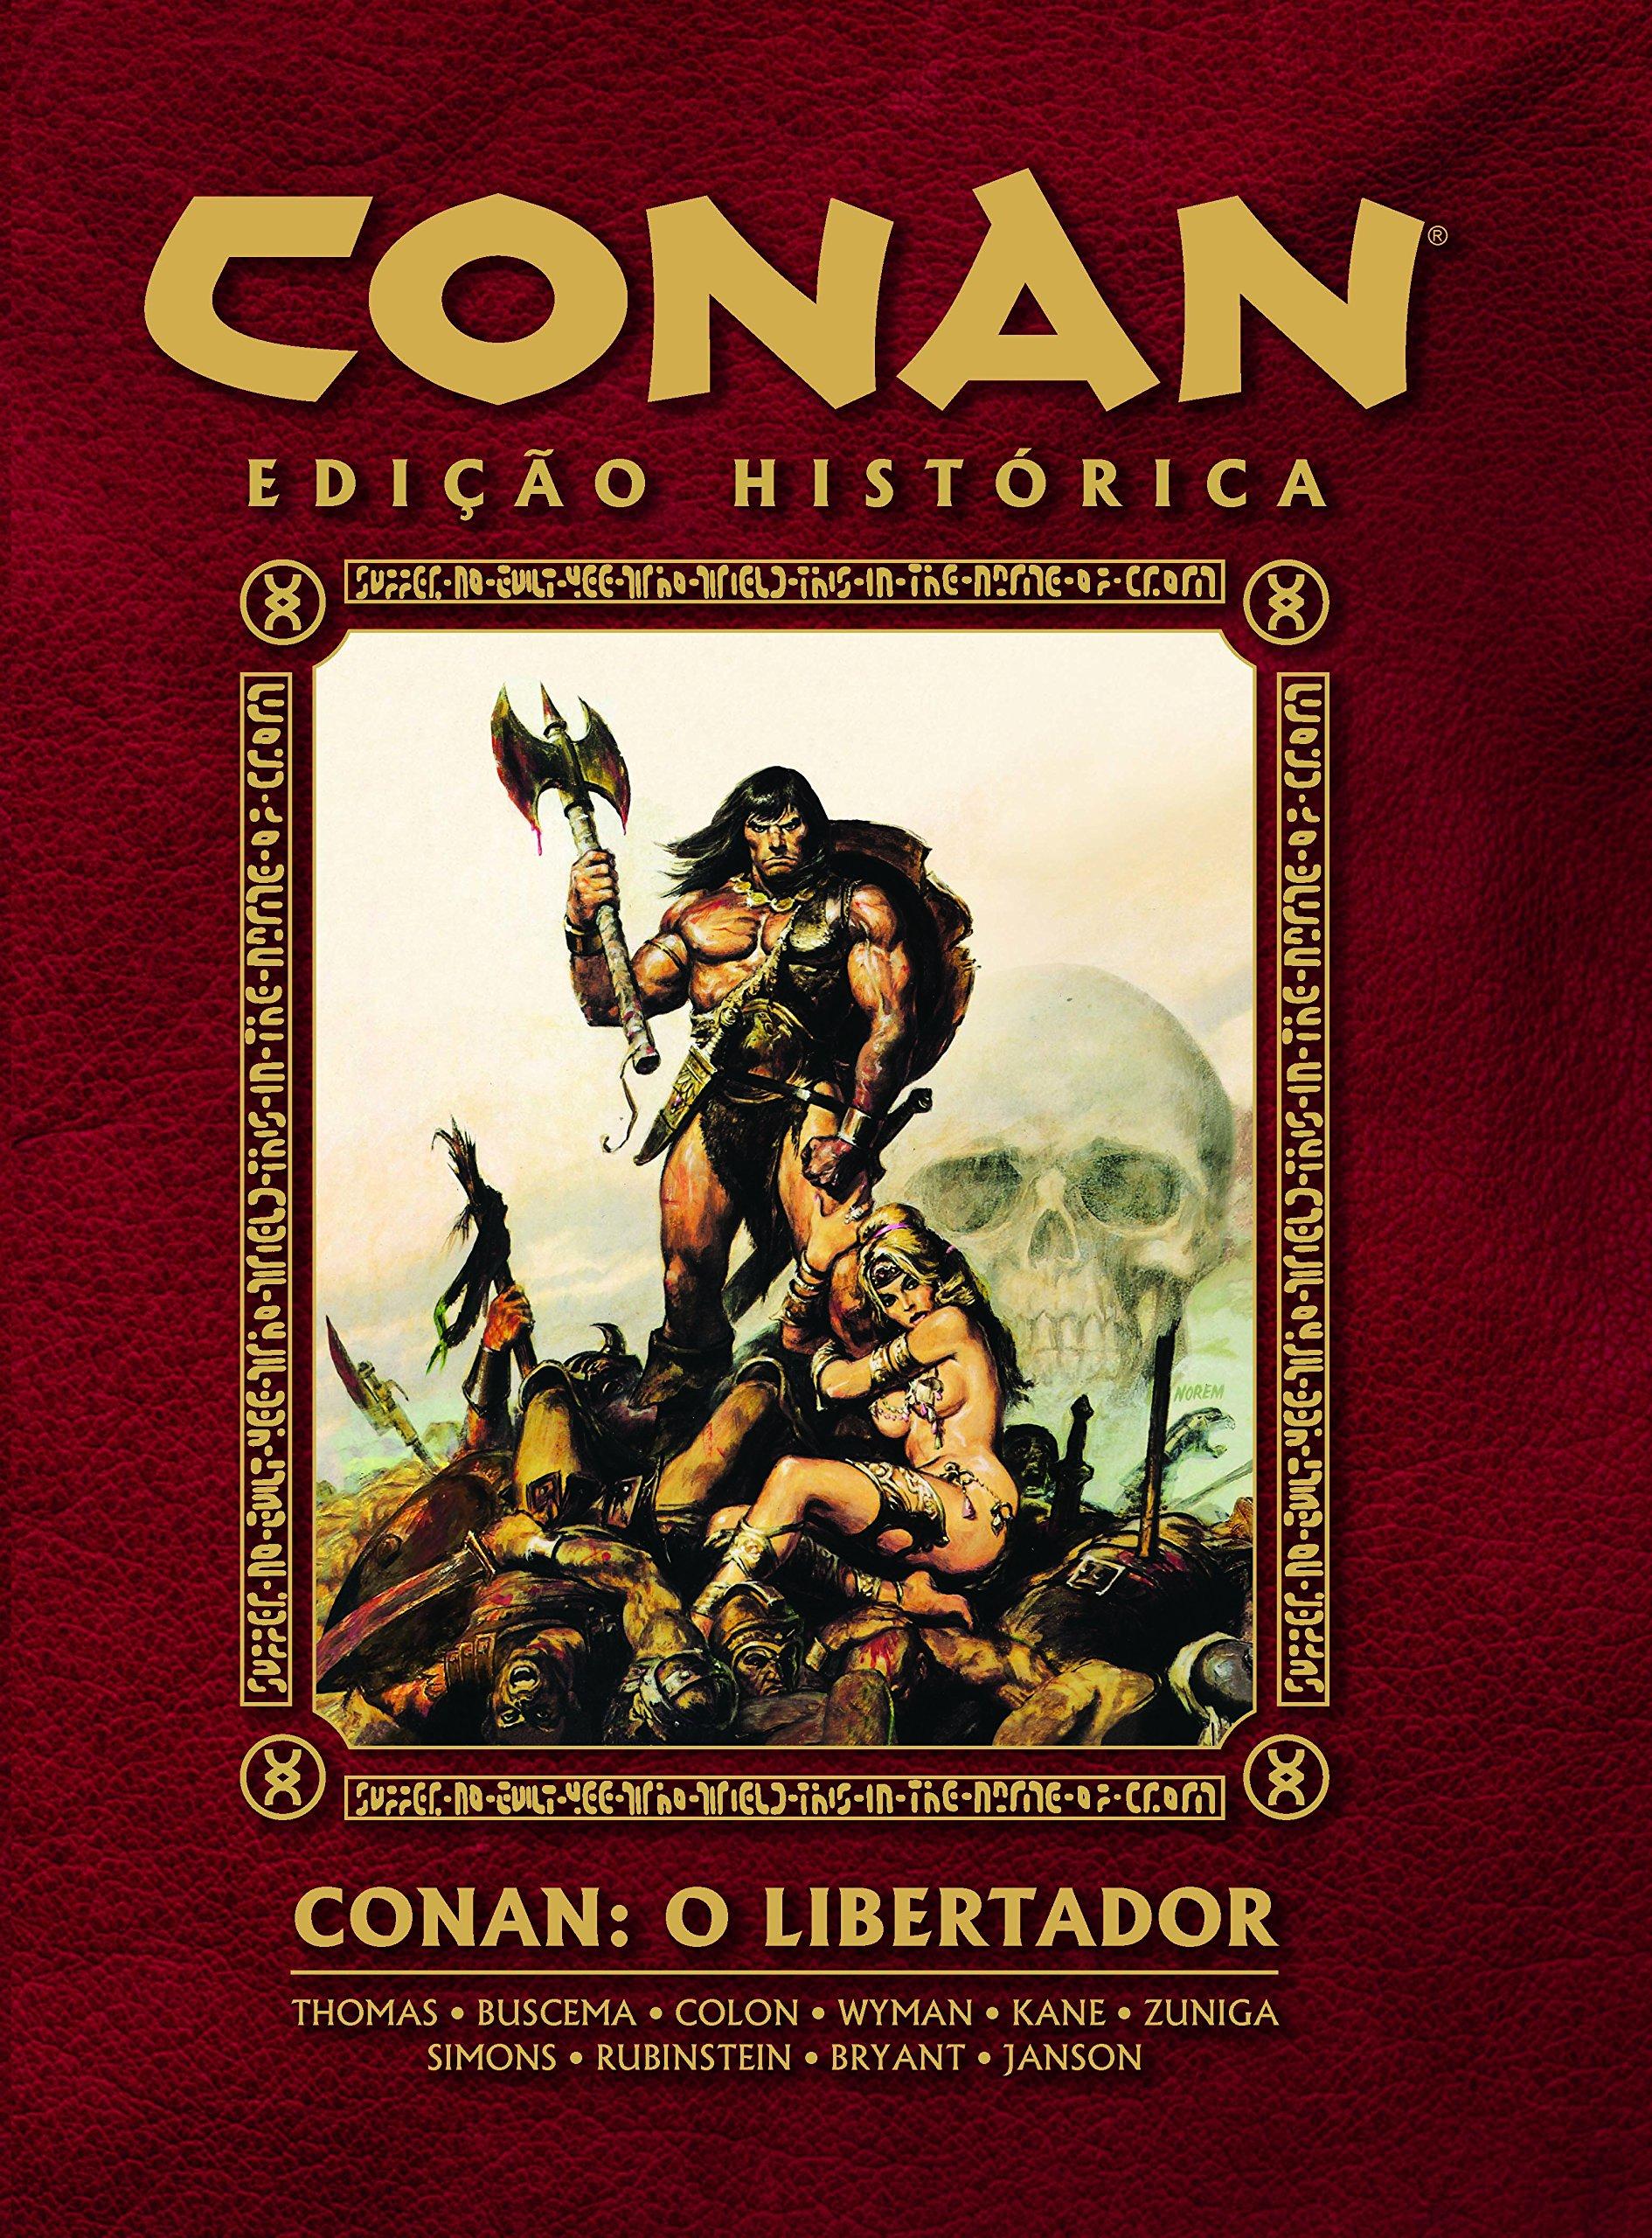 CONAN EDIÇÃO HISTÓRICA Nº 01